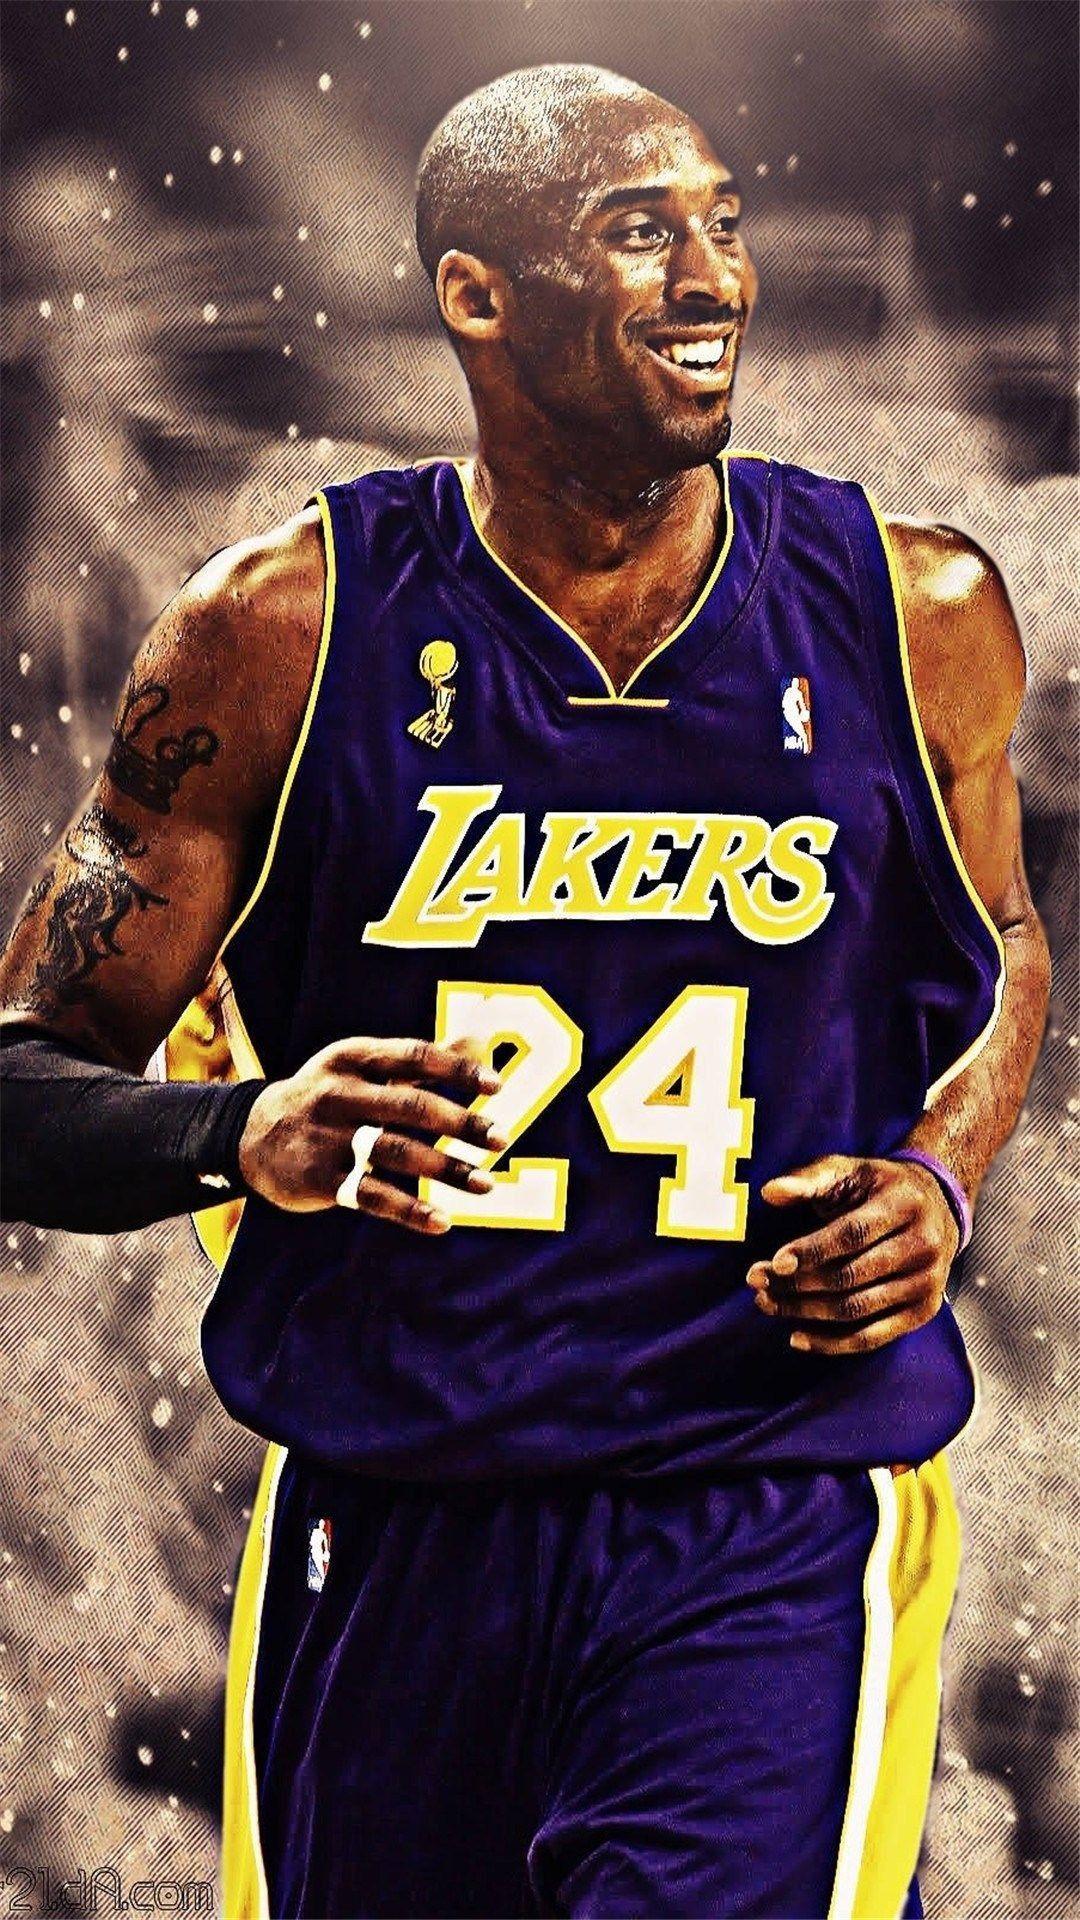 Pin By Elite Fe4r On Muh Favs In 2020 Kobe Bryant Wallpaper Kobe Bryant Black Mamba Kobe Bryant Pictures